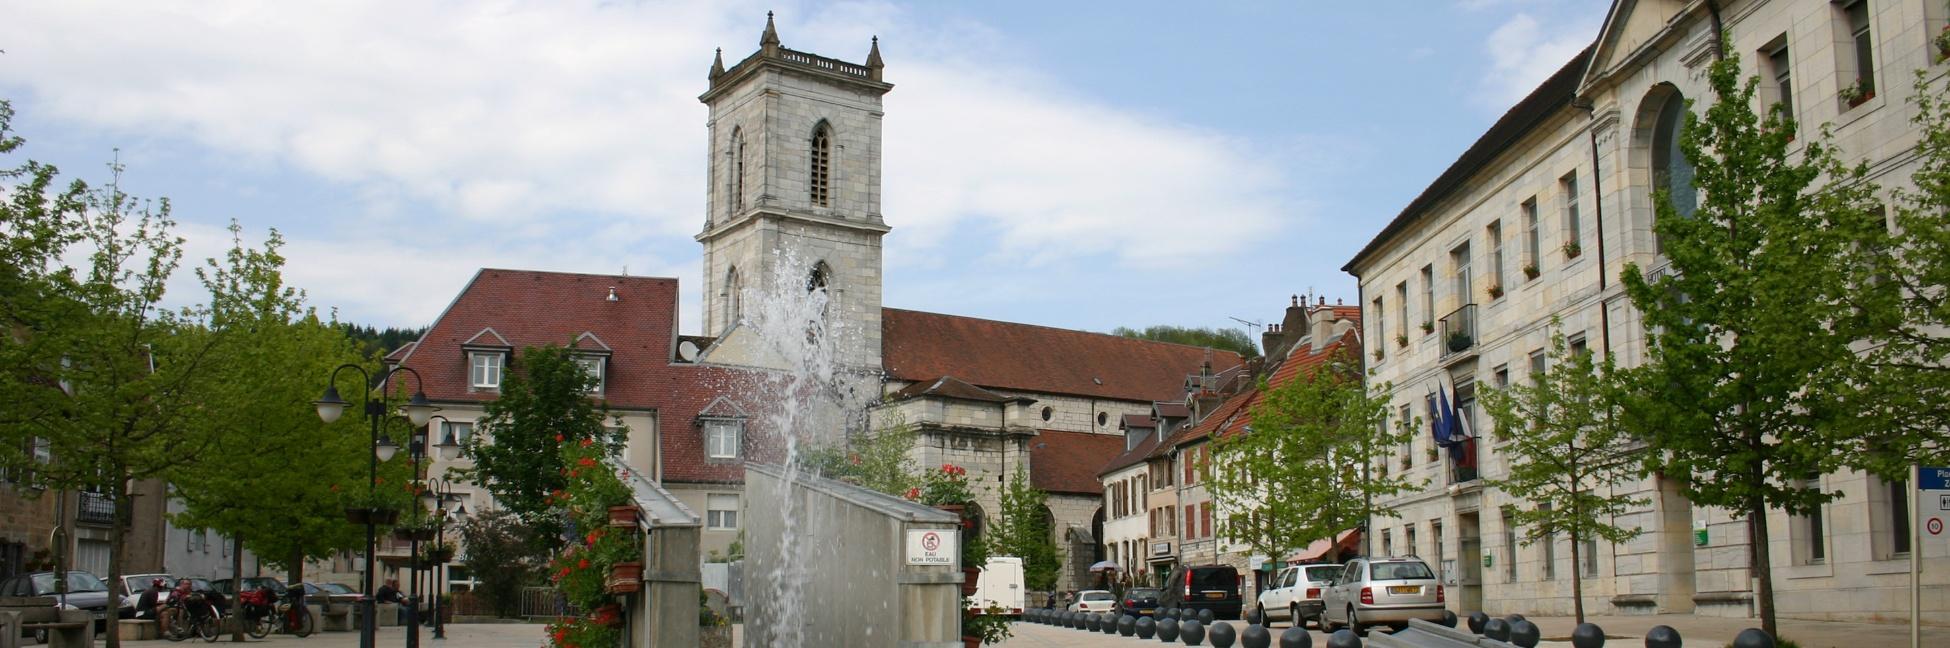 Place de la République de Baumes-Les-Dames